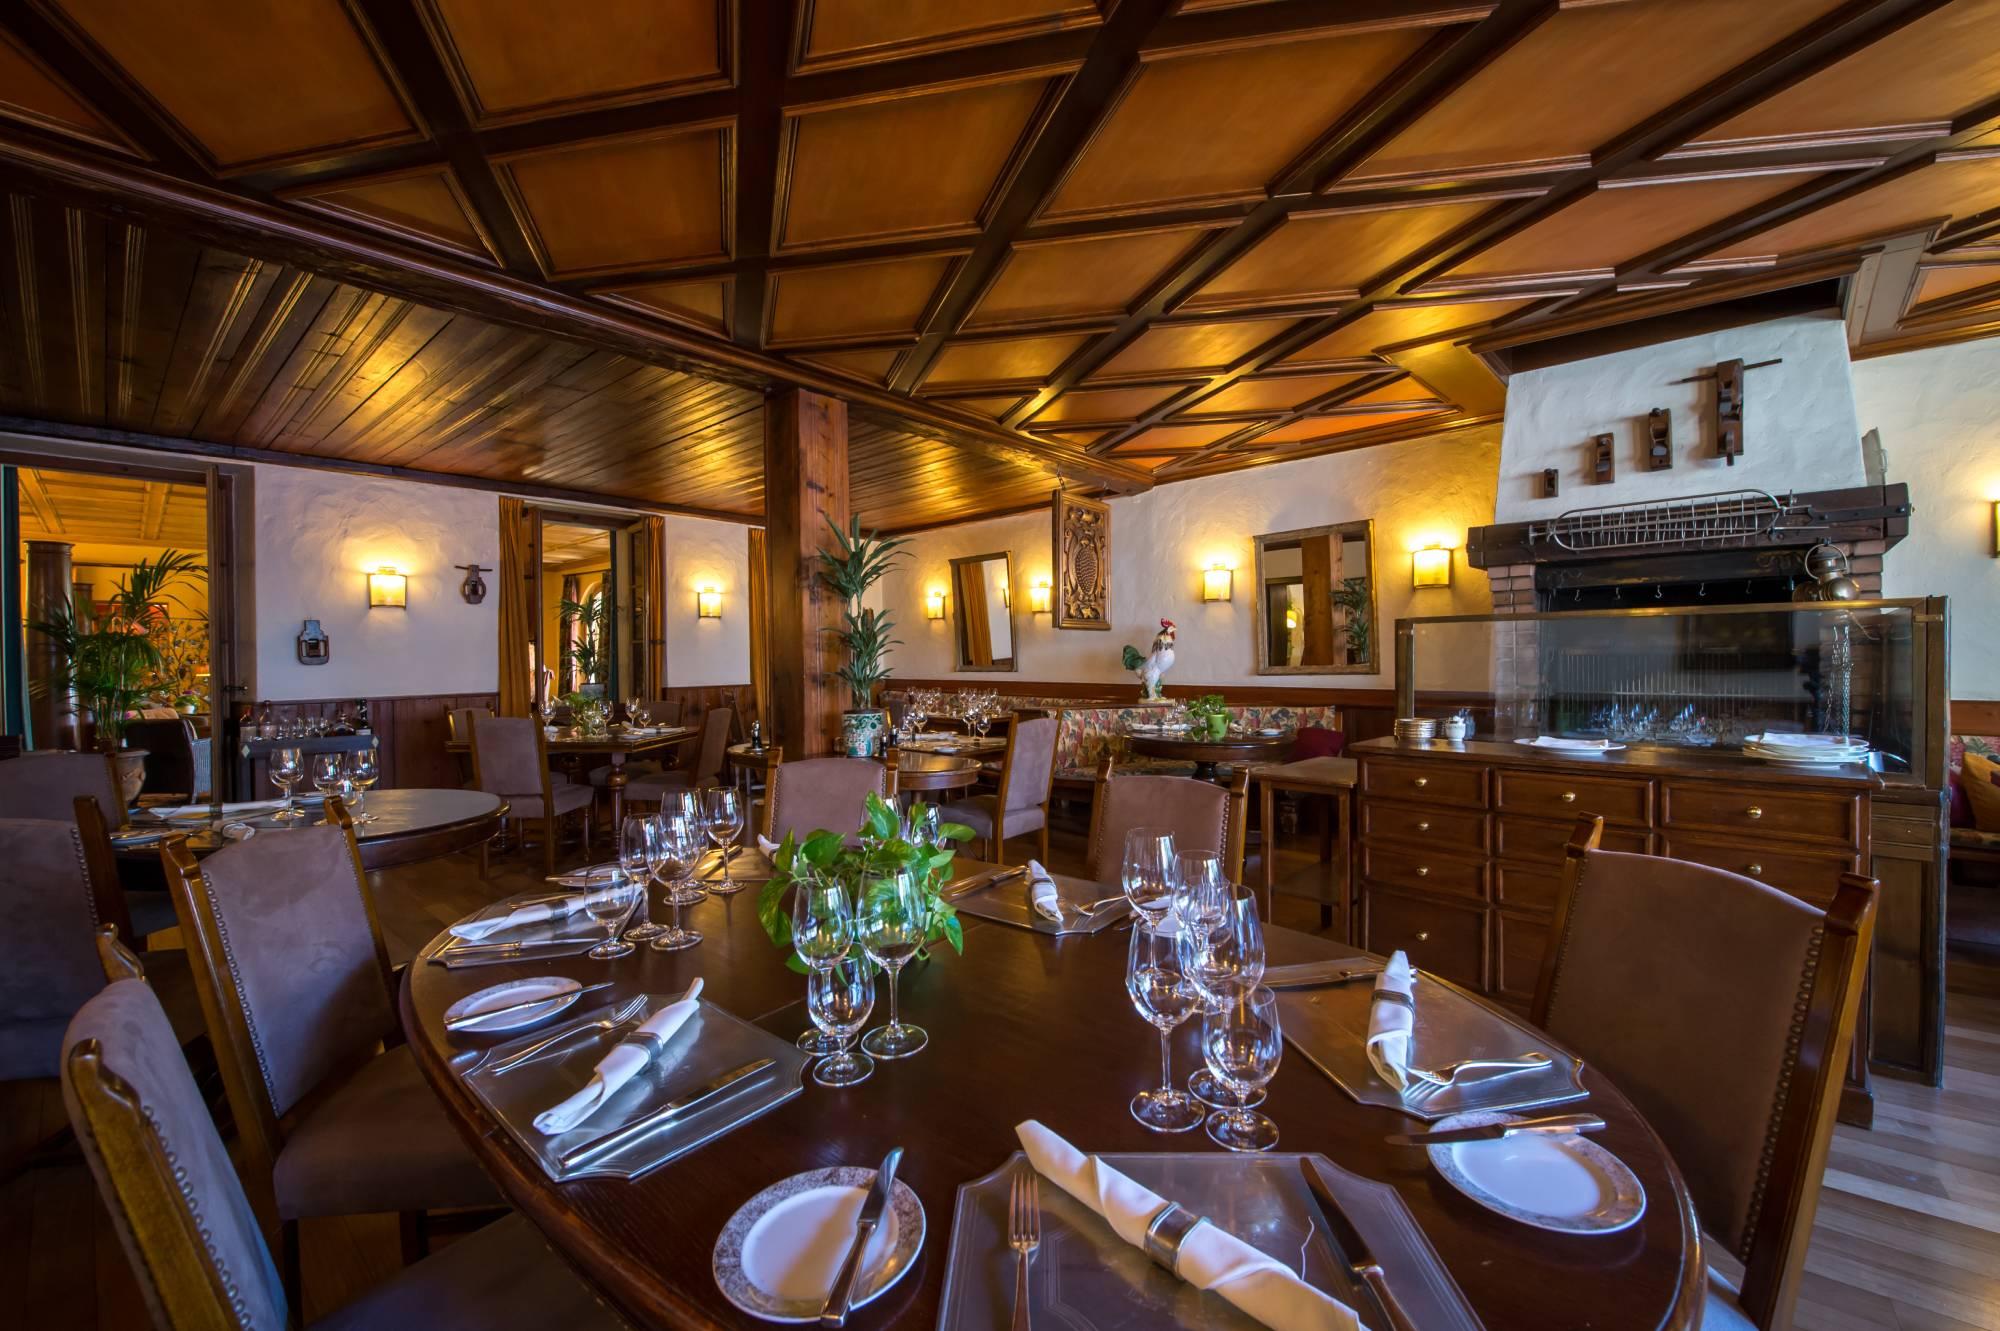 Galerie photo du restaurant et de la broche de l'Auberge du Raisin à Cully